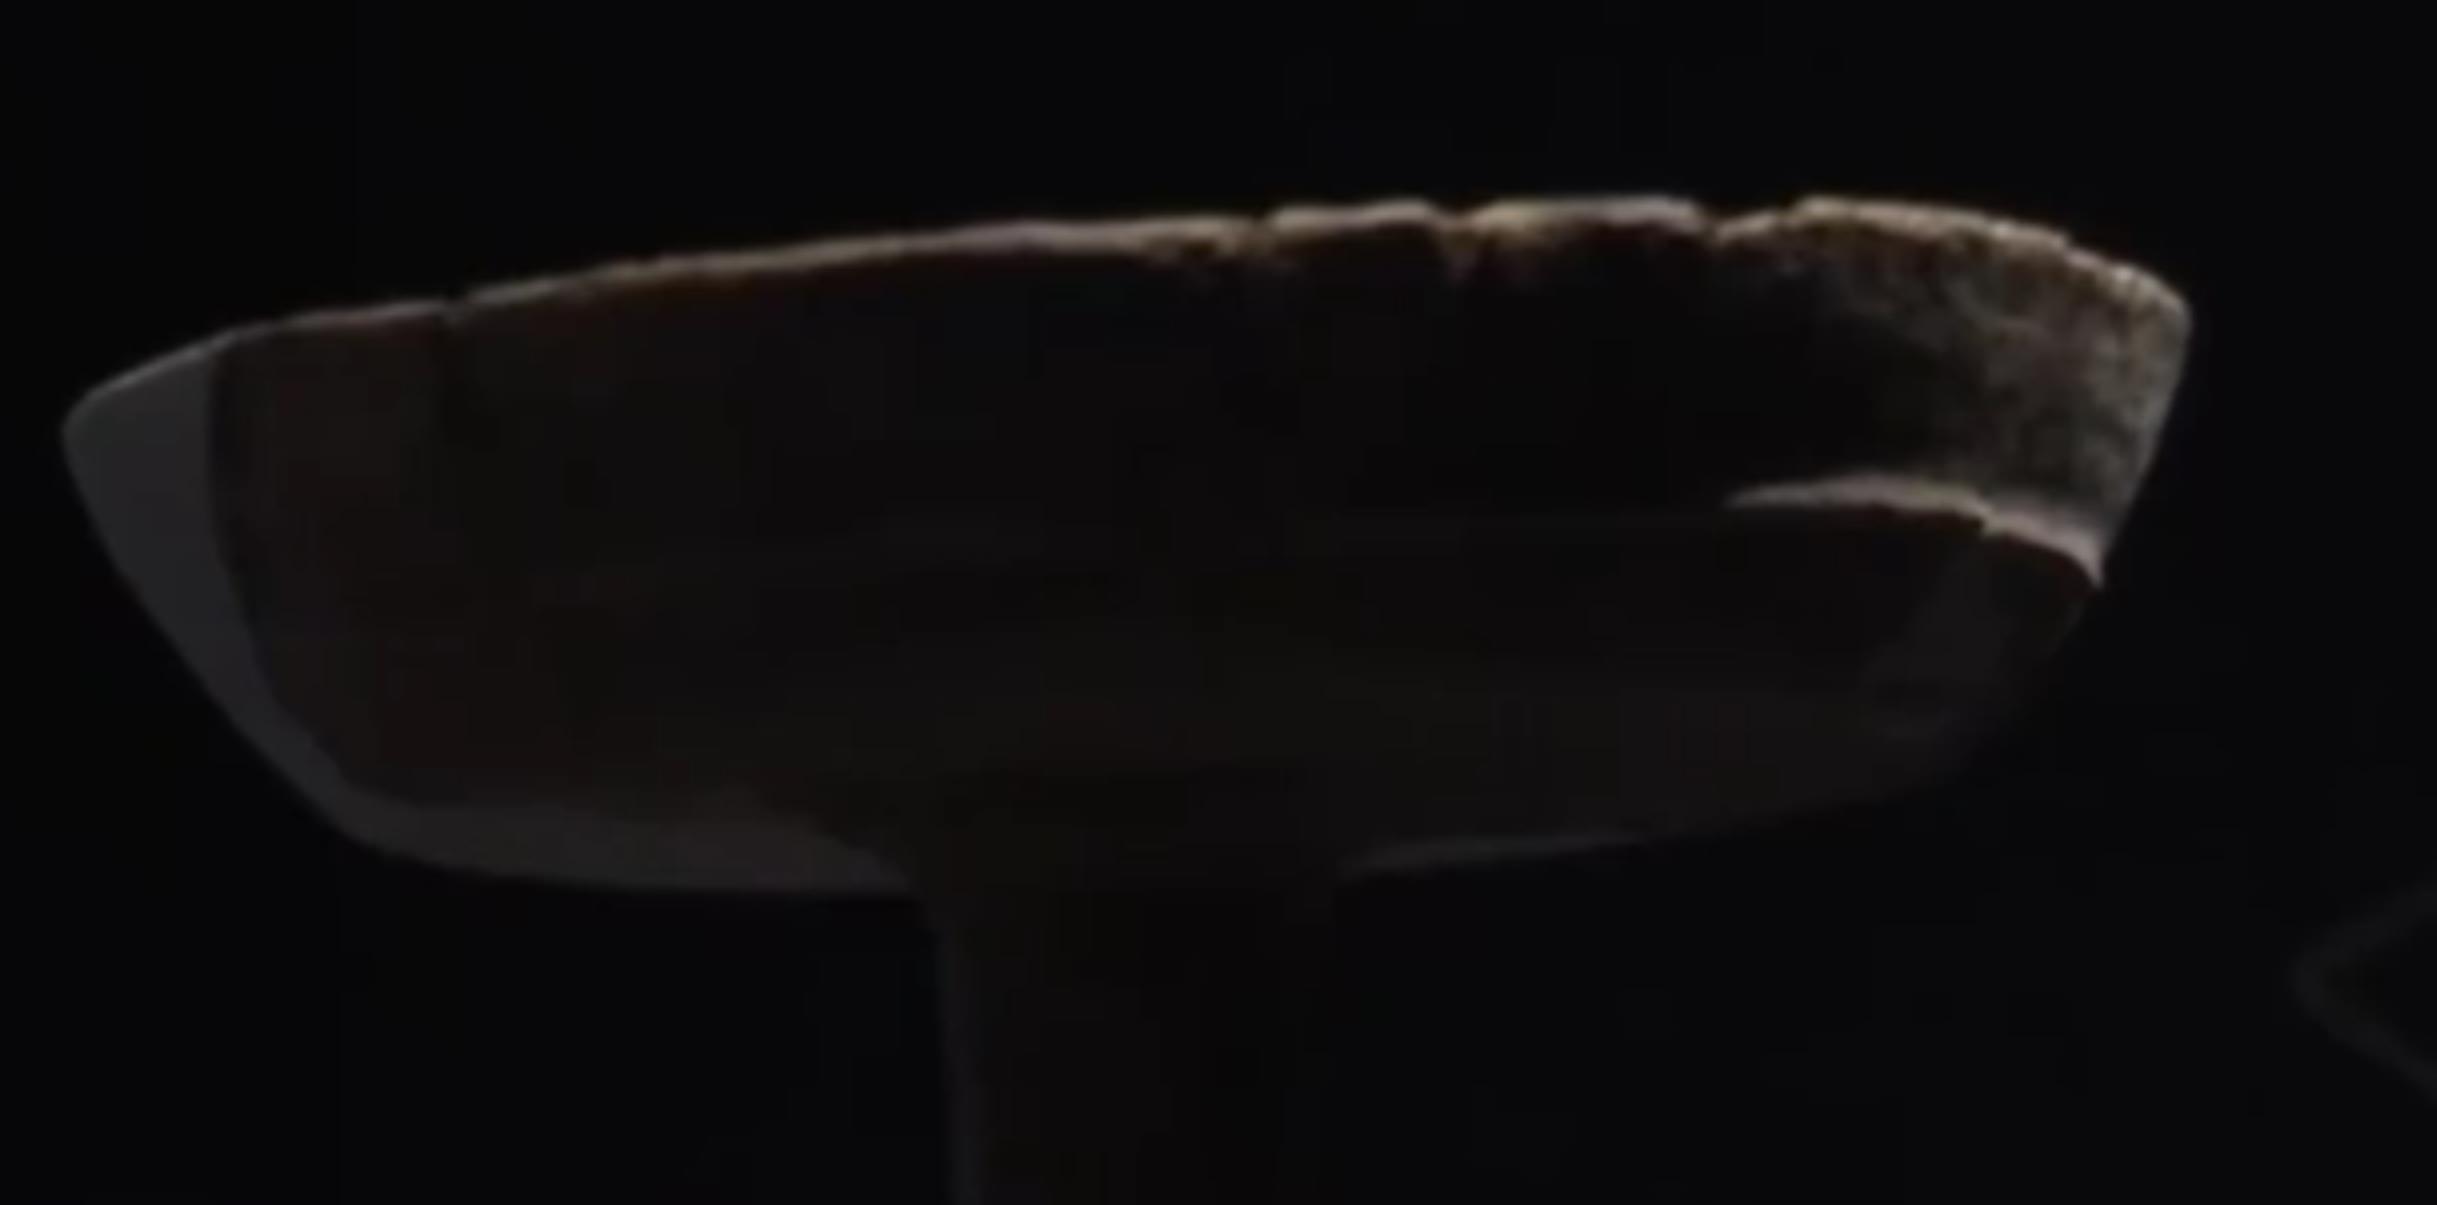 三星堆出土像火锅的器具,央视:四川人对火锅的热爱有年头了